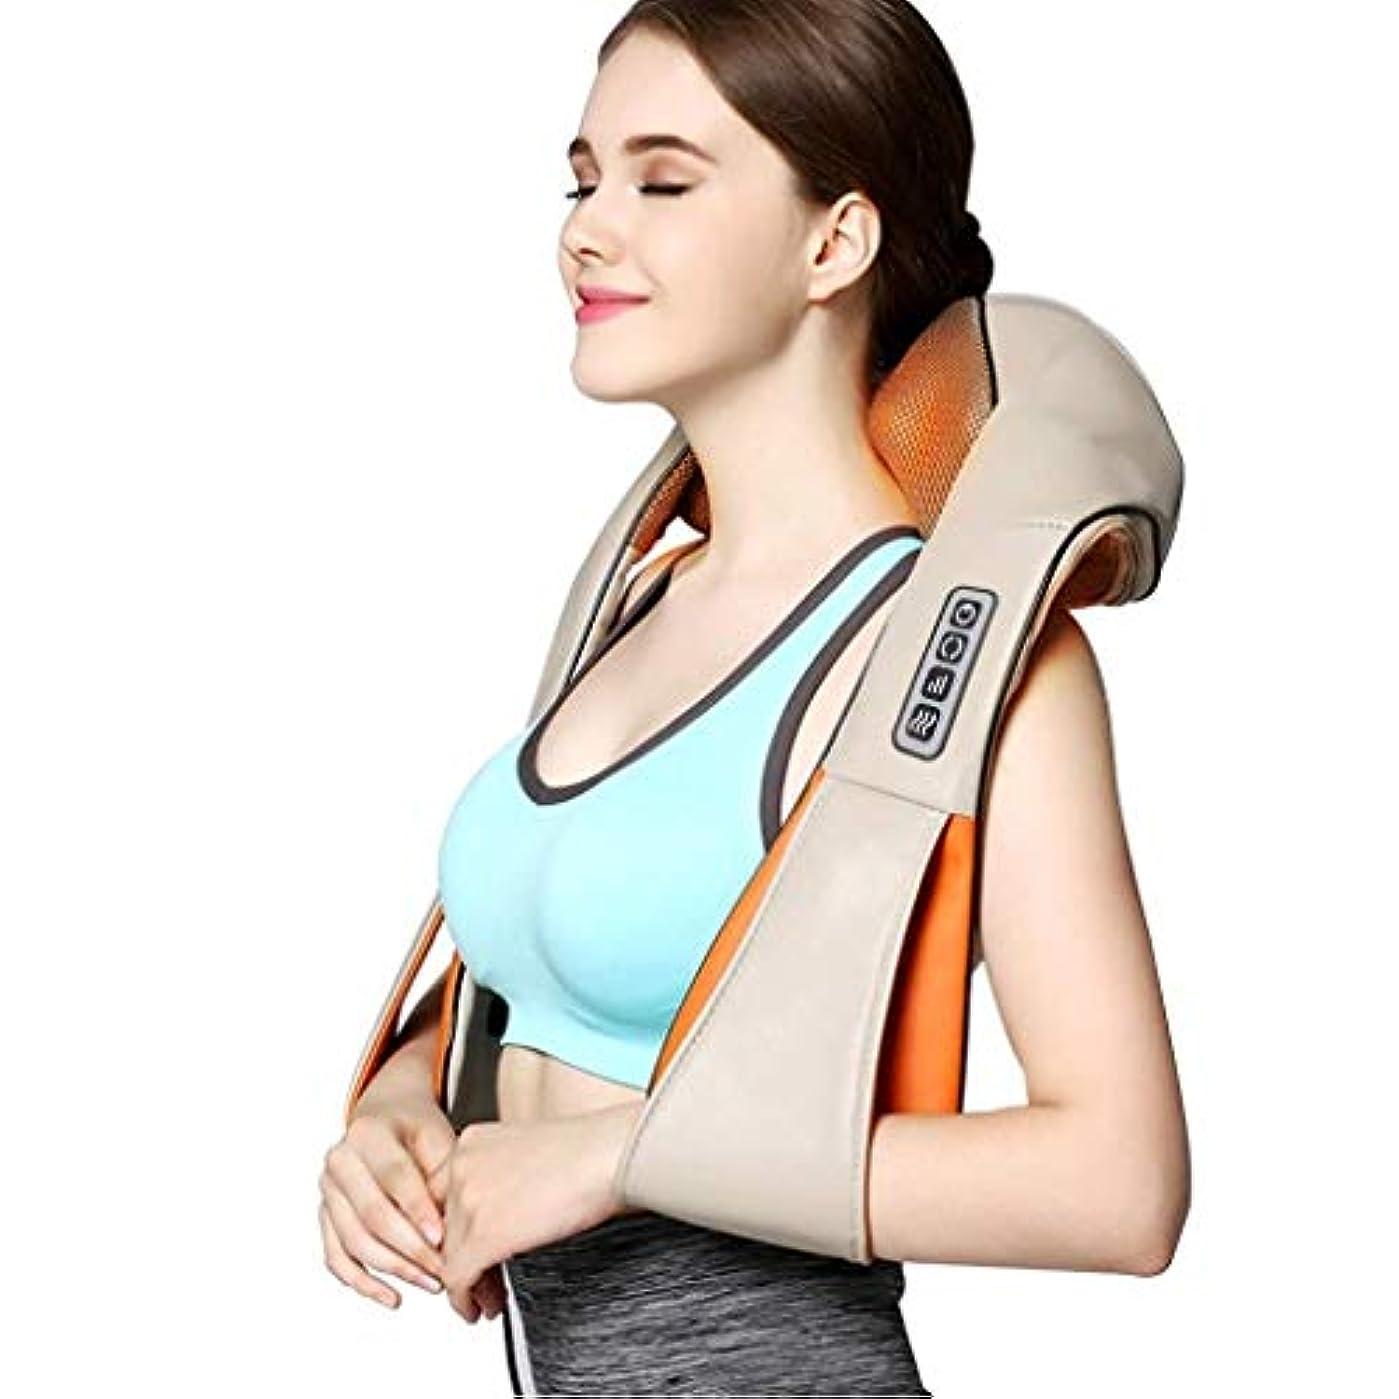 精巧な仲間太鼓腹指圧ネックの肩のマッサージャー - 3D深いティッシュの混合の首、肩、背中、足、マッサージの痛みを緩和する電気バックマッサージ枕車のオフィスや家庭でリラックス (Color : 4buttons)